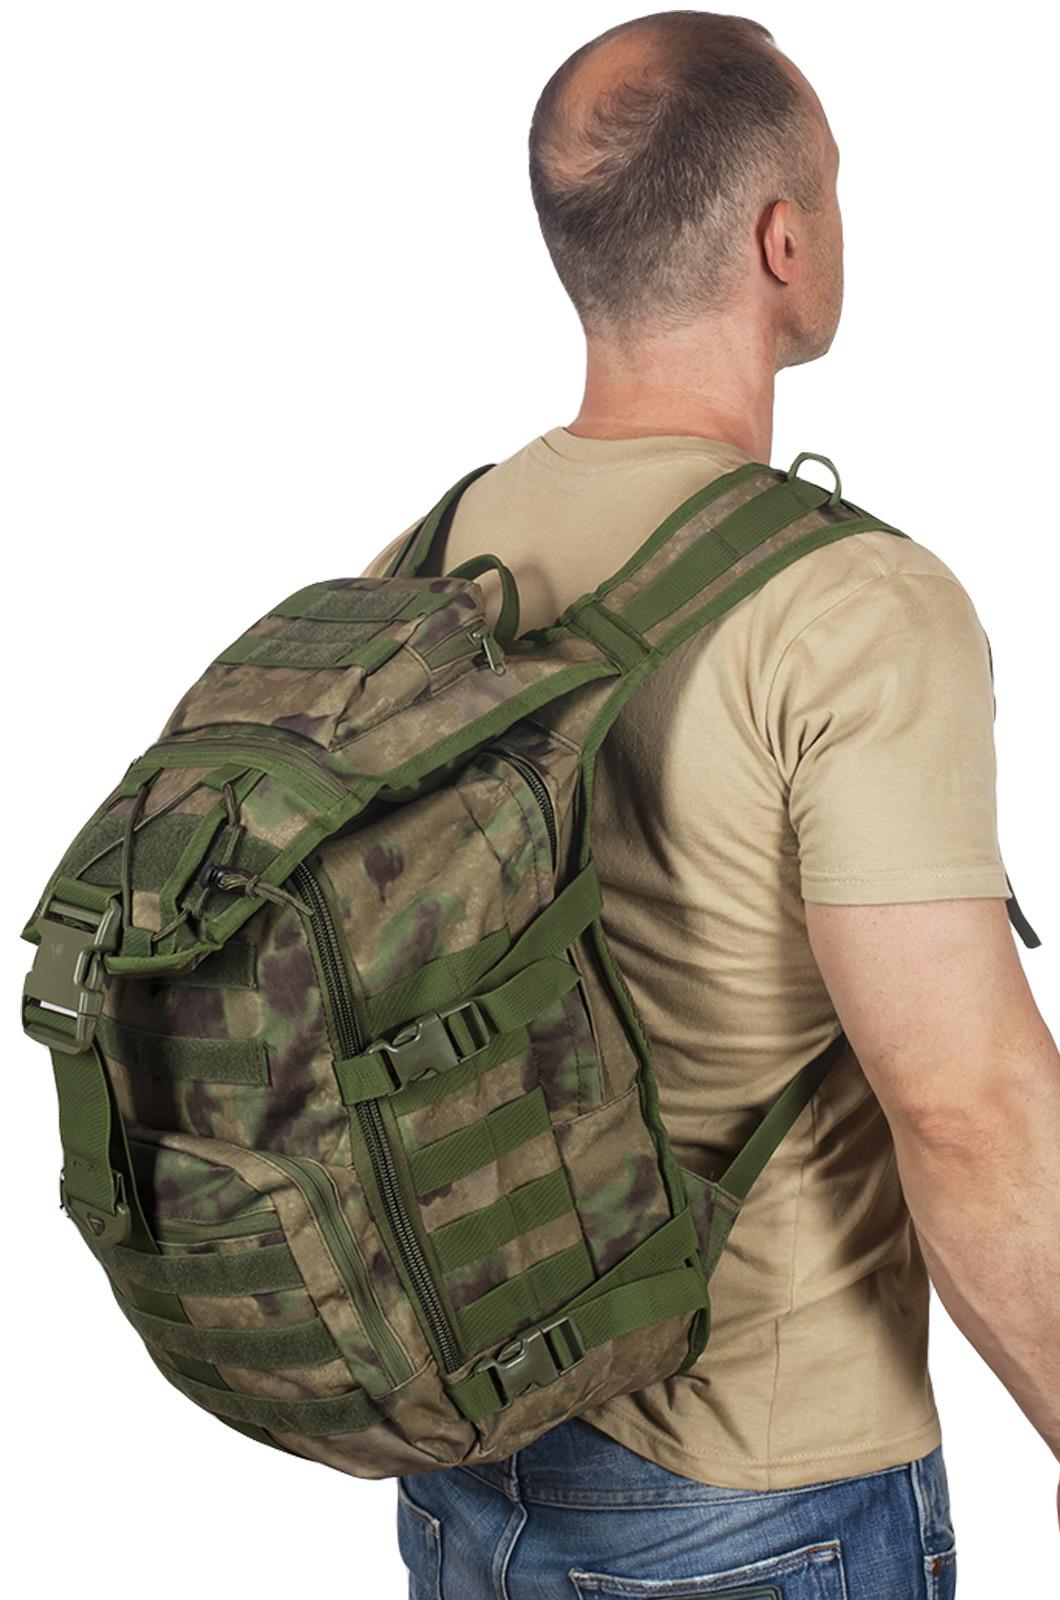 Тактический рюкзак A-TACS FG Camo 20L высокого качества